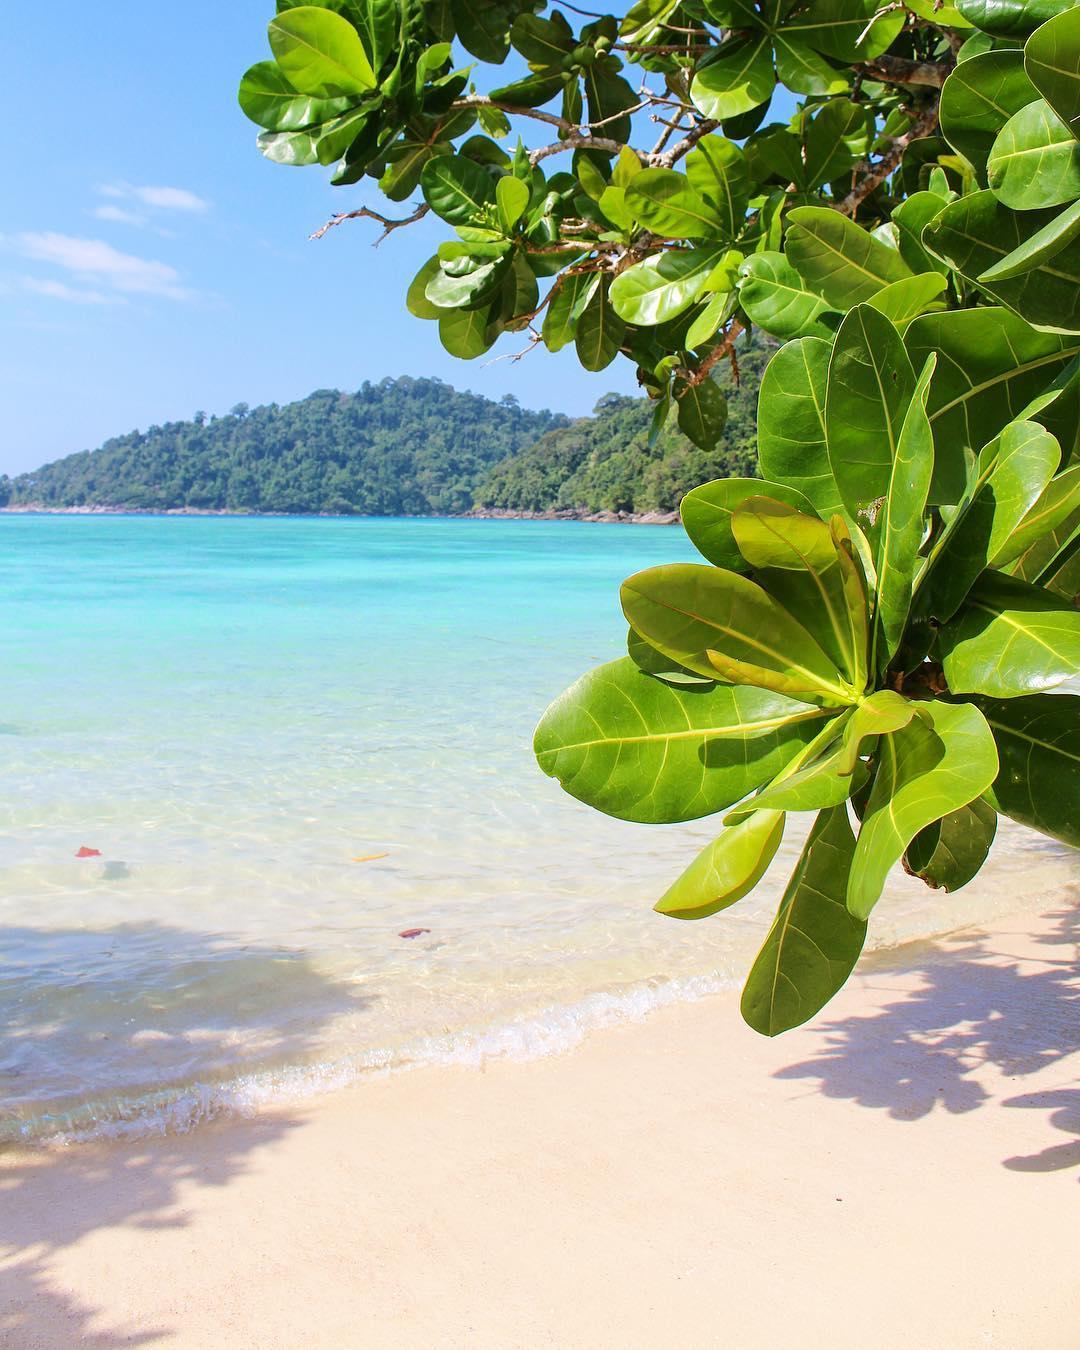 C'est totalement ouffff les couleurs ici !! Même les cartes postales ne sont pas représentatives de la beauté de ces paysages . ⛴______ ➕ l  Les îles SURIN . ? | Khao Lak • Côte Ouest Thaïlande . ? | #PintadeThailande ? | Thaïlande Nord & Côte Ouest ??? ______ #thailande #thailand #bangkok #kohphiphi#kohlanta #kohsamui #kohphangan #kohtao #khaolak #chiangmai #cityguide #cityTrip #travel #blogTravel #TravelBlog #bloggervoyage #voYage #blogVoyage #frenchBlogger #blogueuse #blog #montpellier #pintademontpellier #food #foodlover